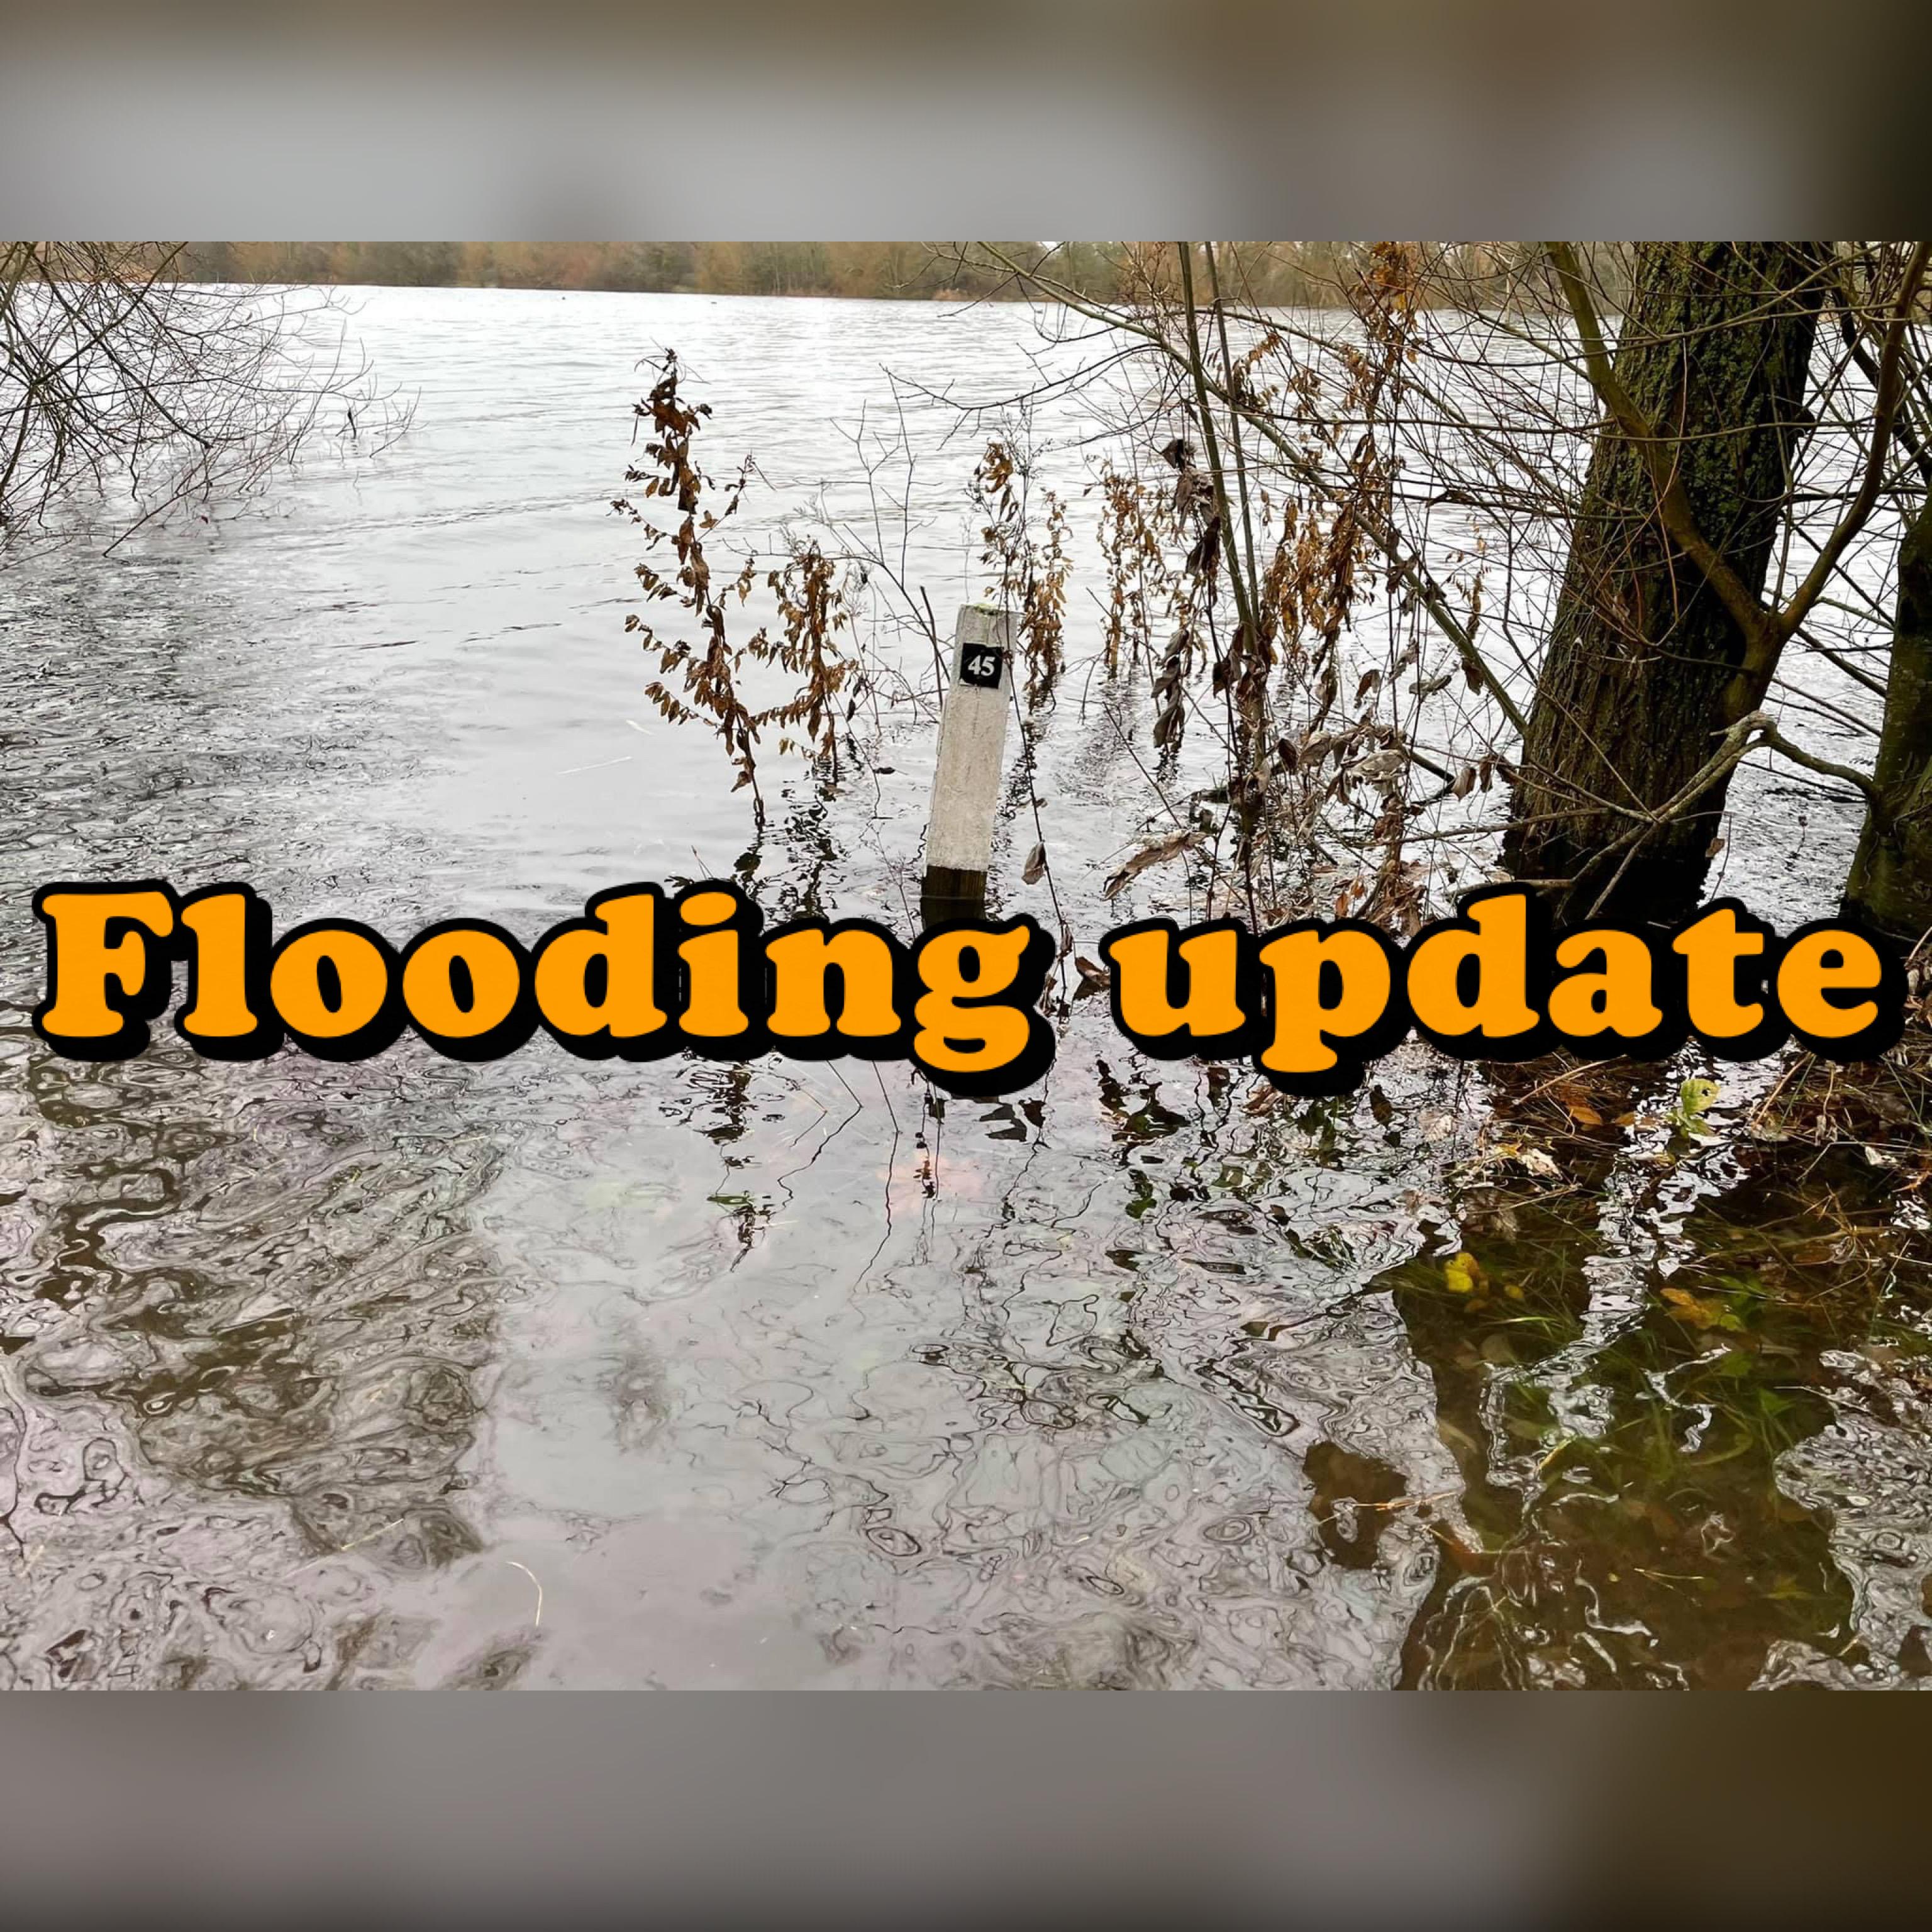 FLOODING UPDATE - HORSESHOE LAKE